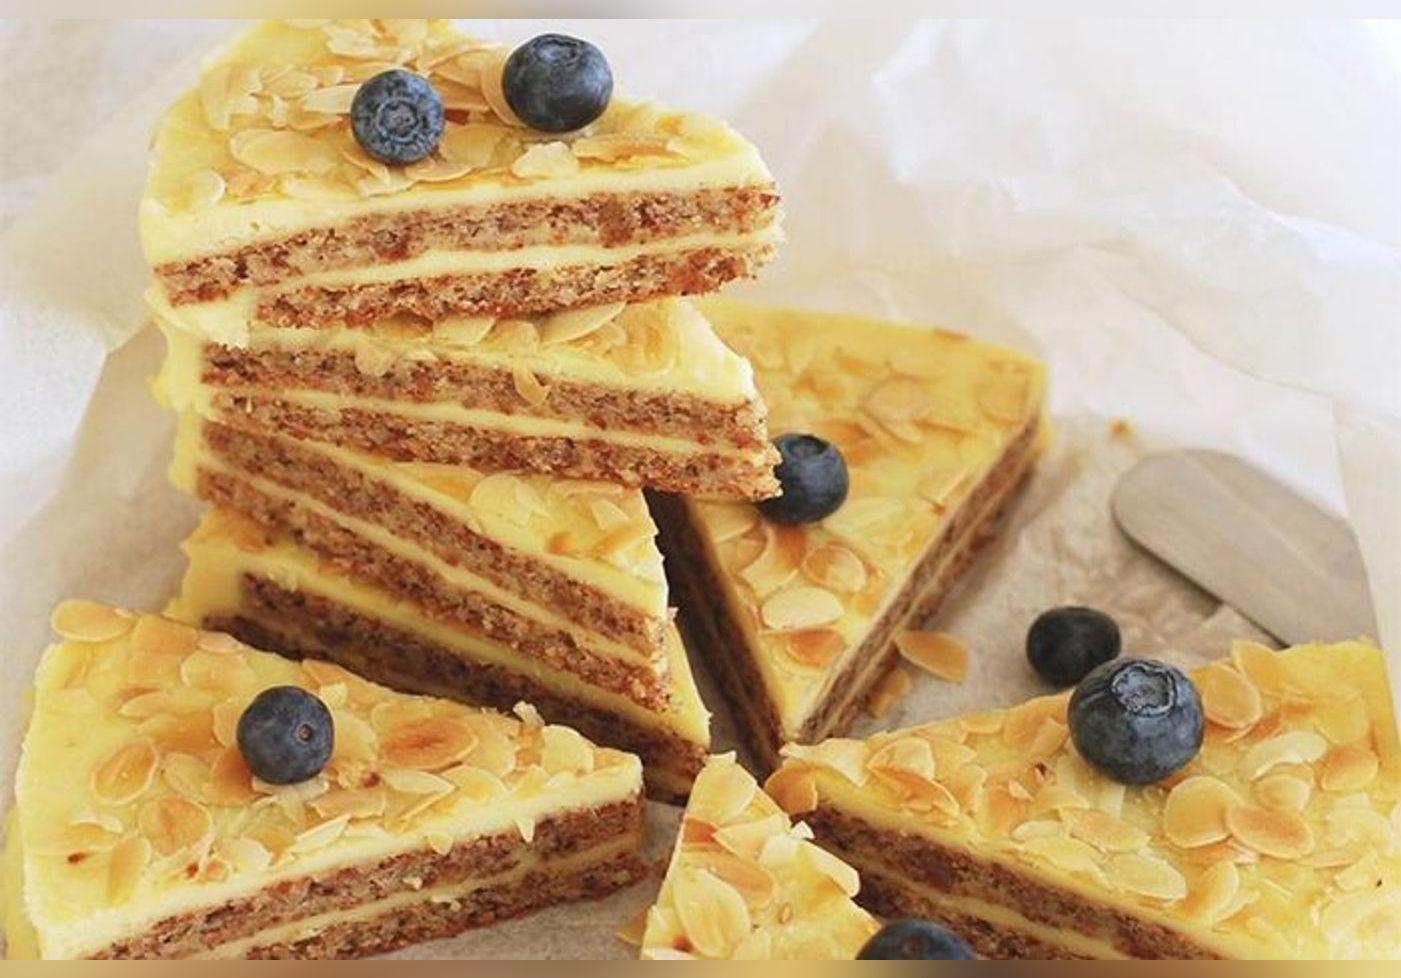 Elle reproduit le gâteau culte d'IKEA, sa recette facile au goût incroyable devient virale